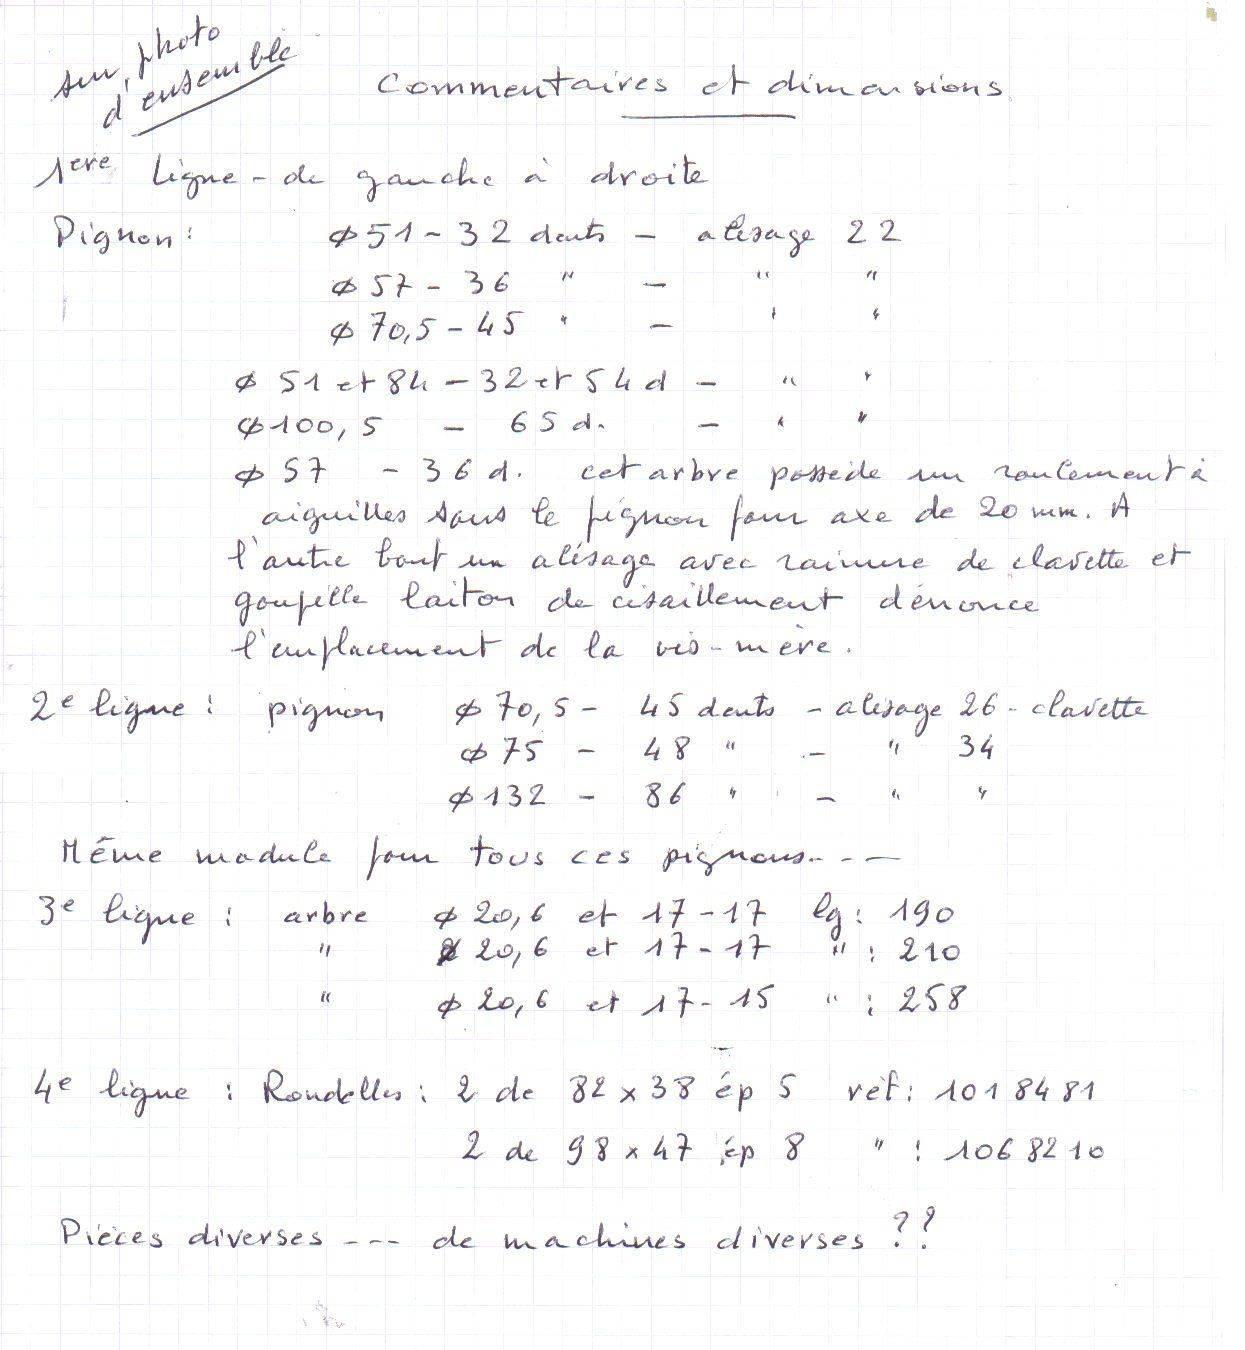 commentaires et dimensions de pièces diverses.jpg